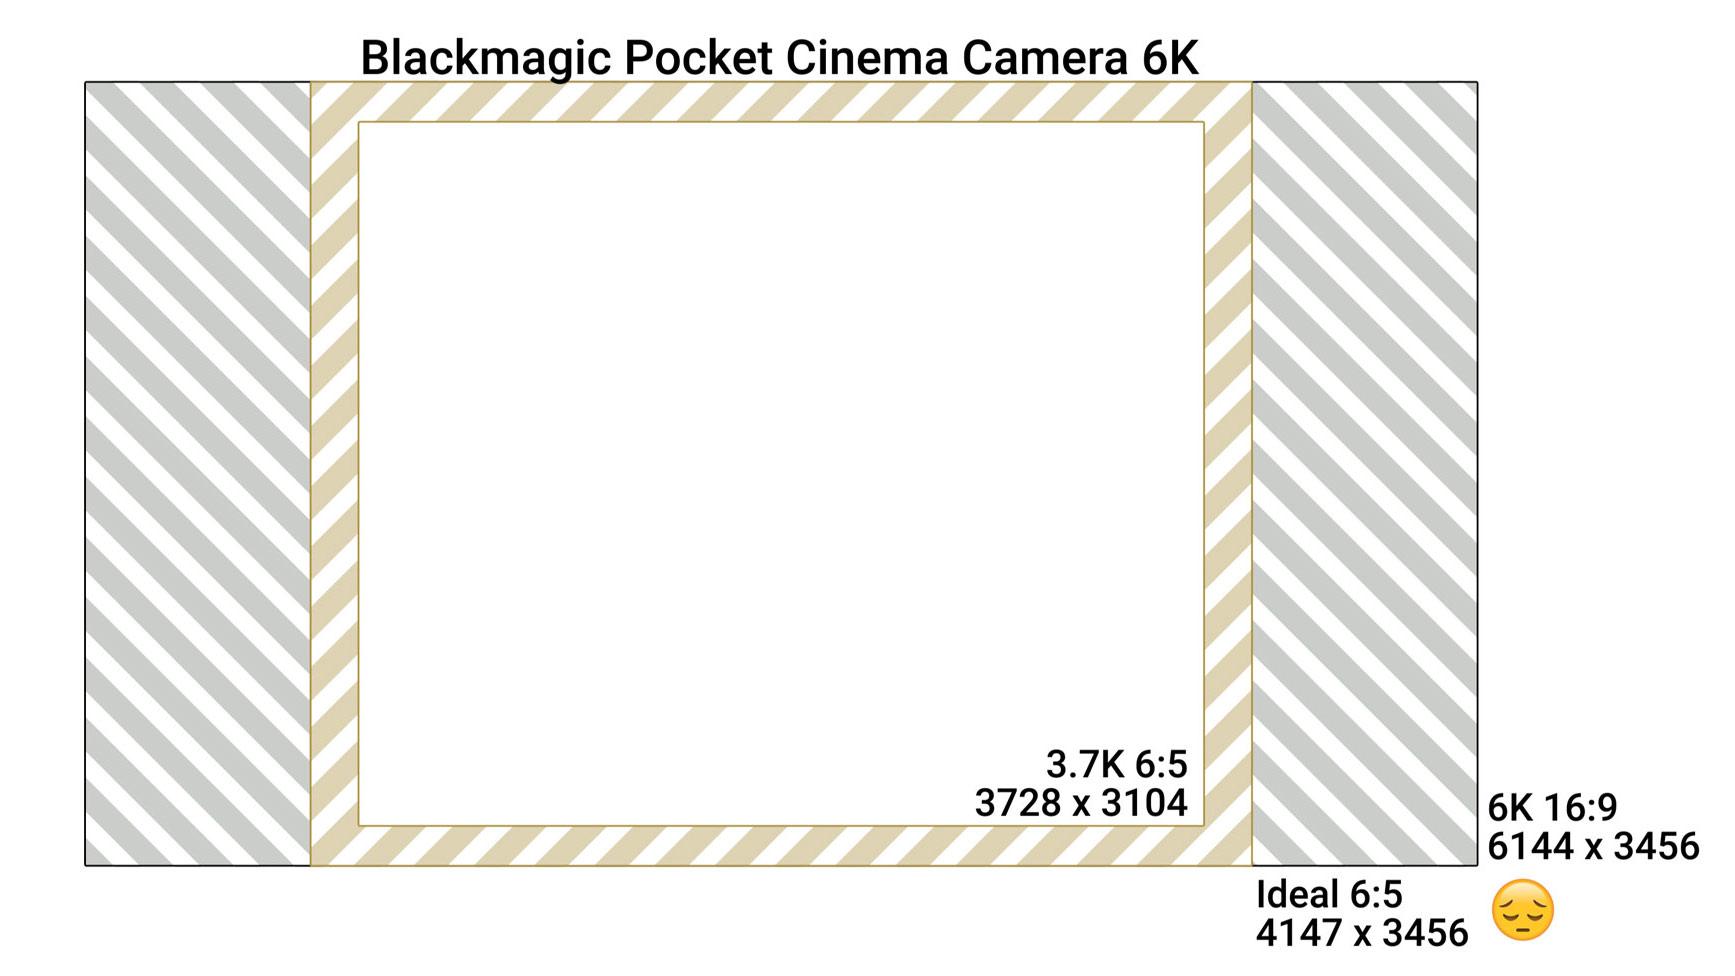 Filmación anamórfica – ¿existe un tamaño de sensor ideal?